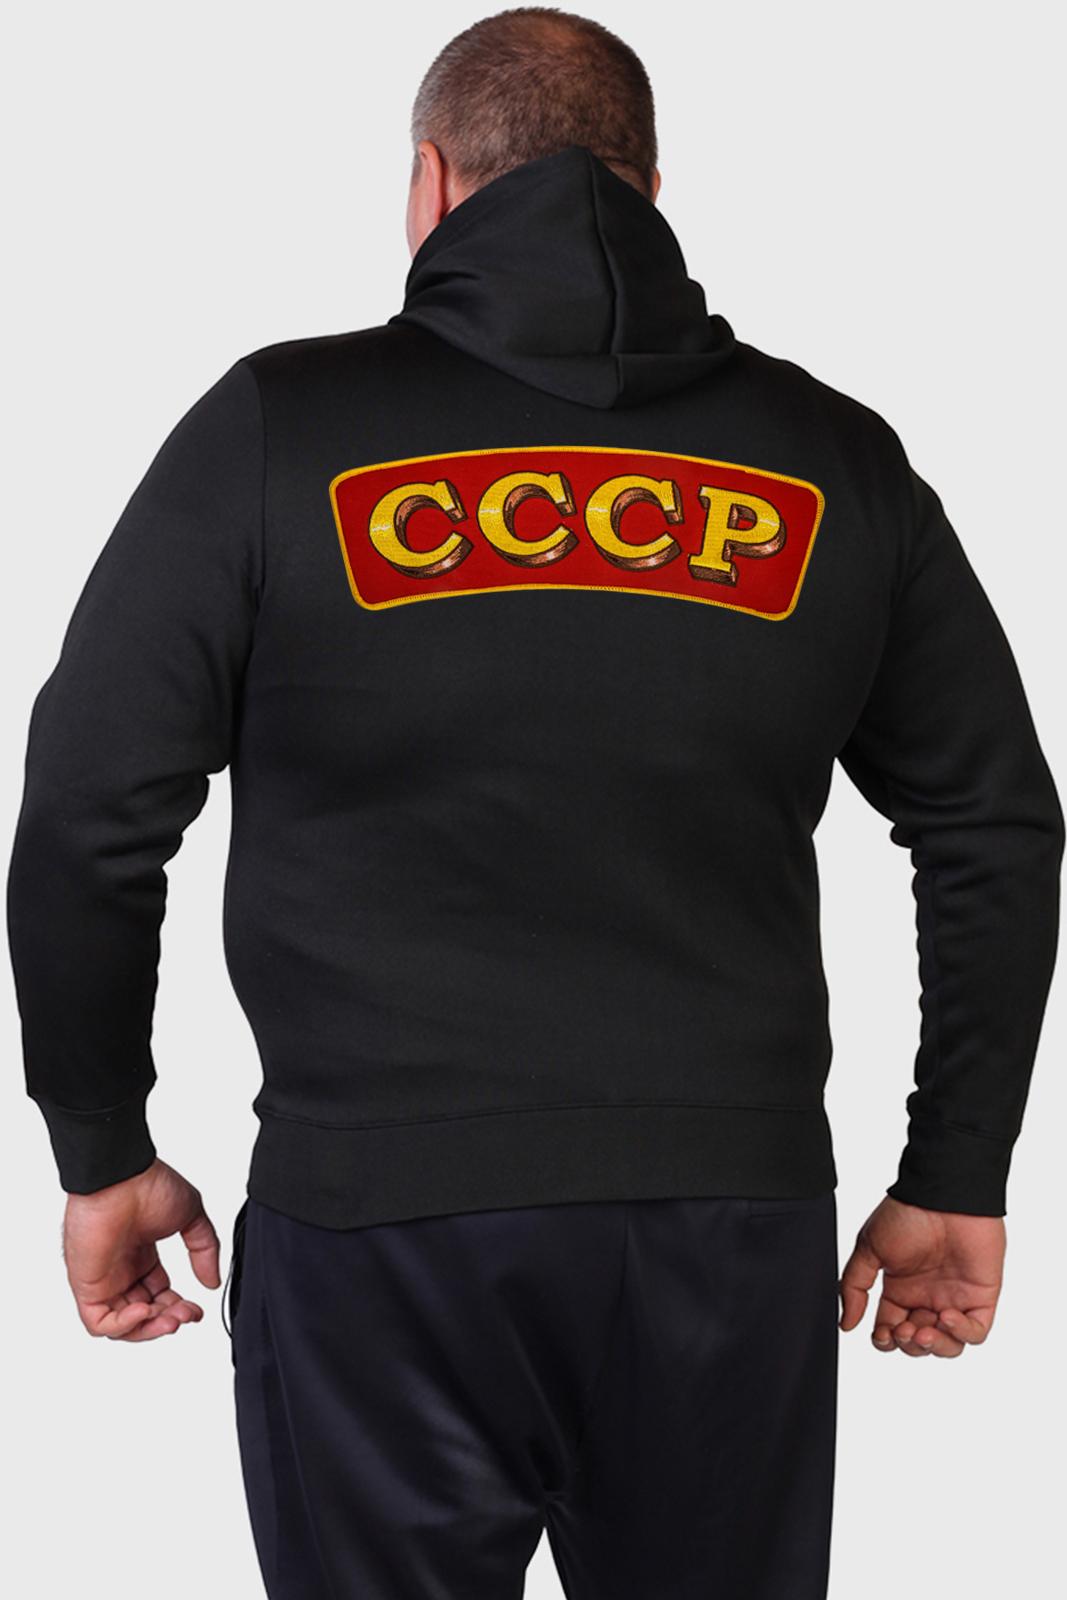 Культовая мужская толстовка на молнии с шевроном СССР.